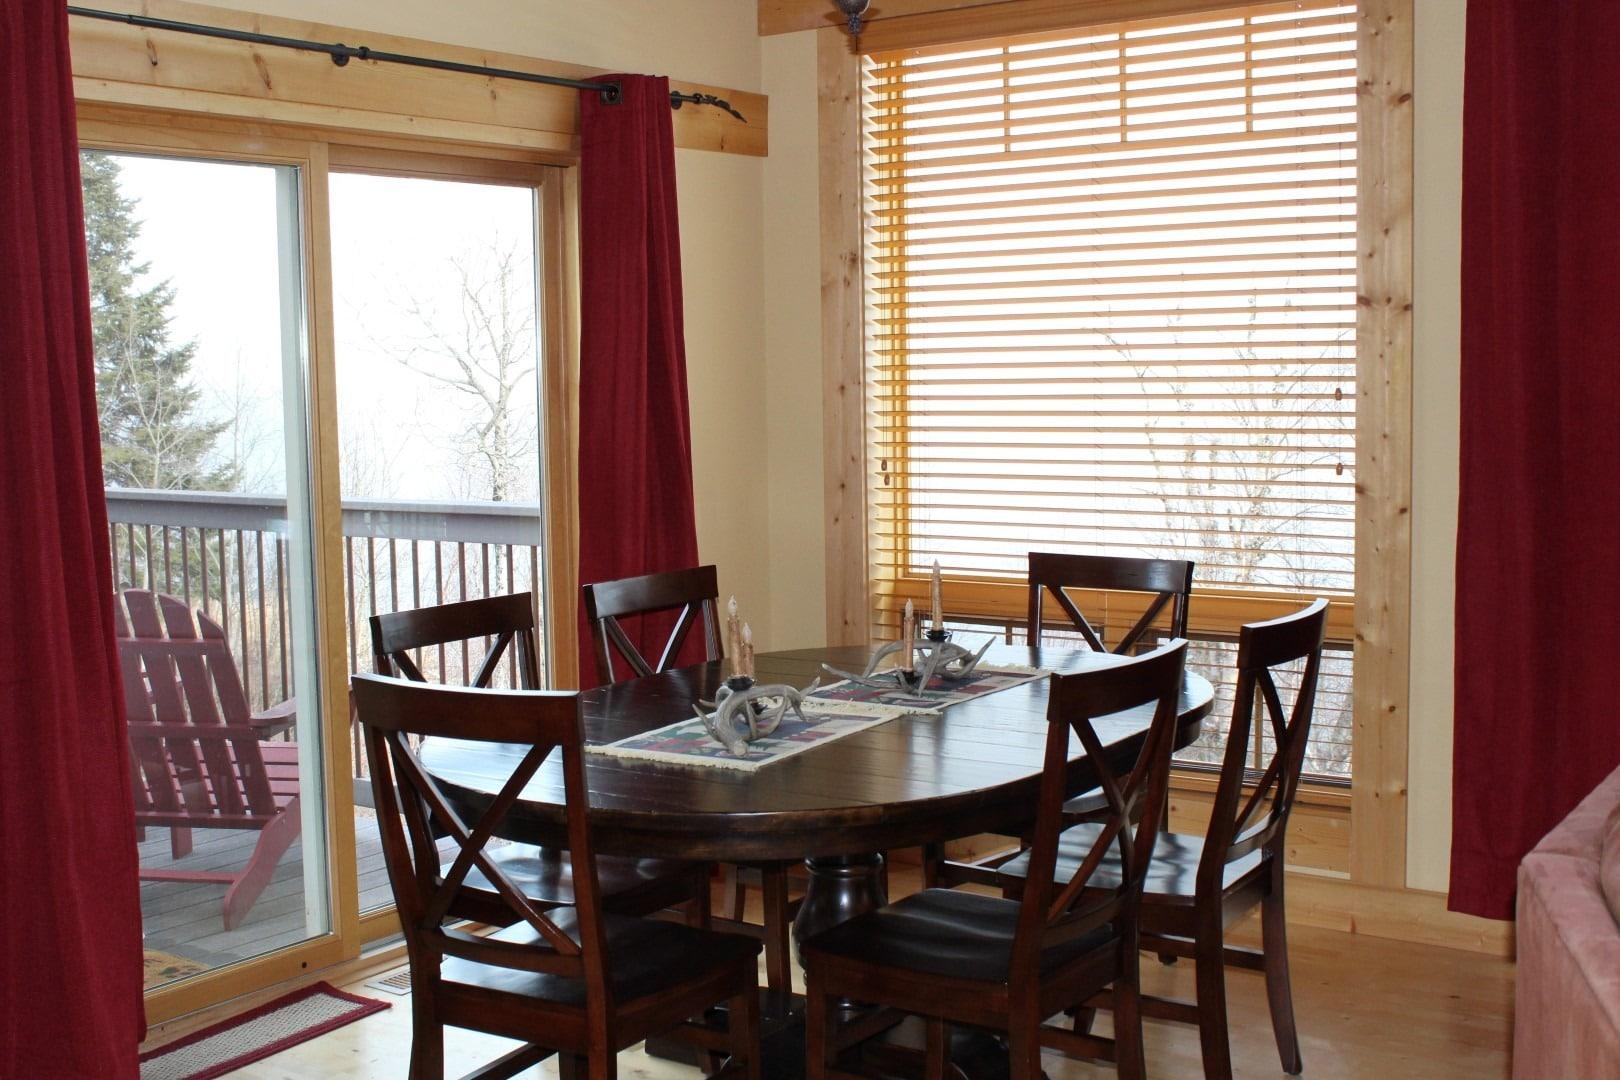 524 dining room